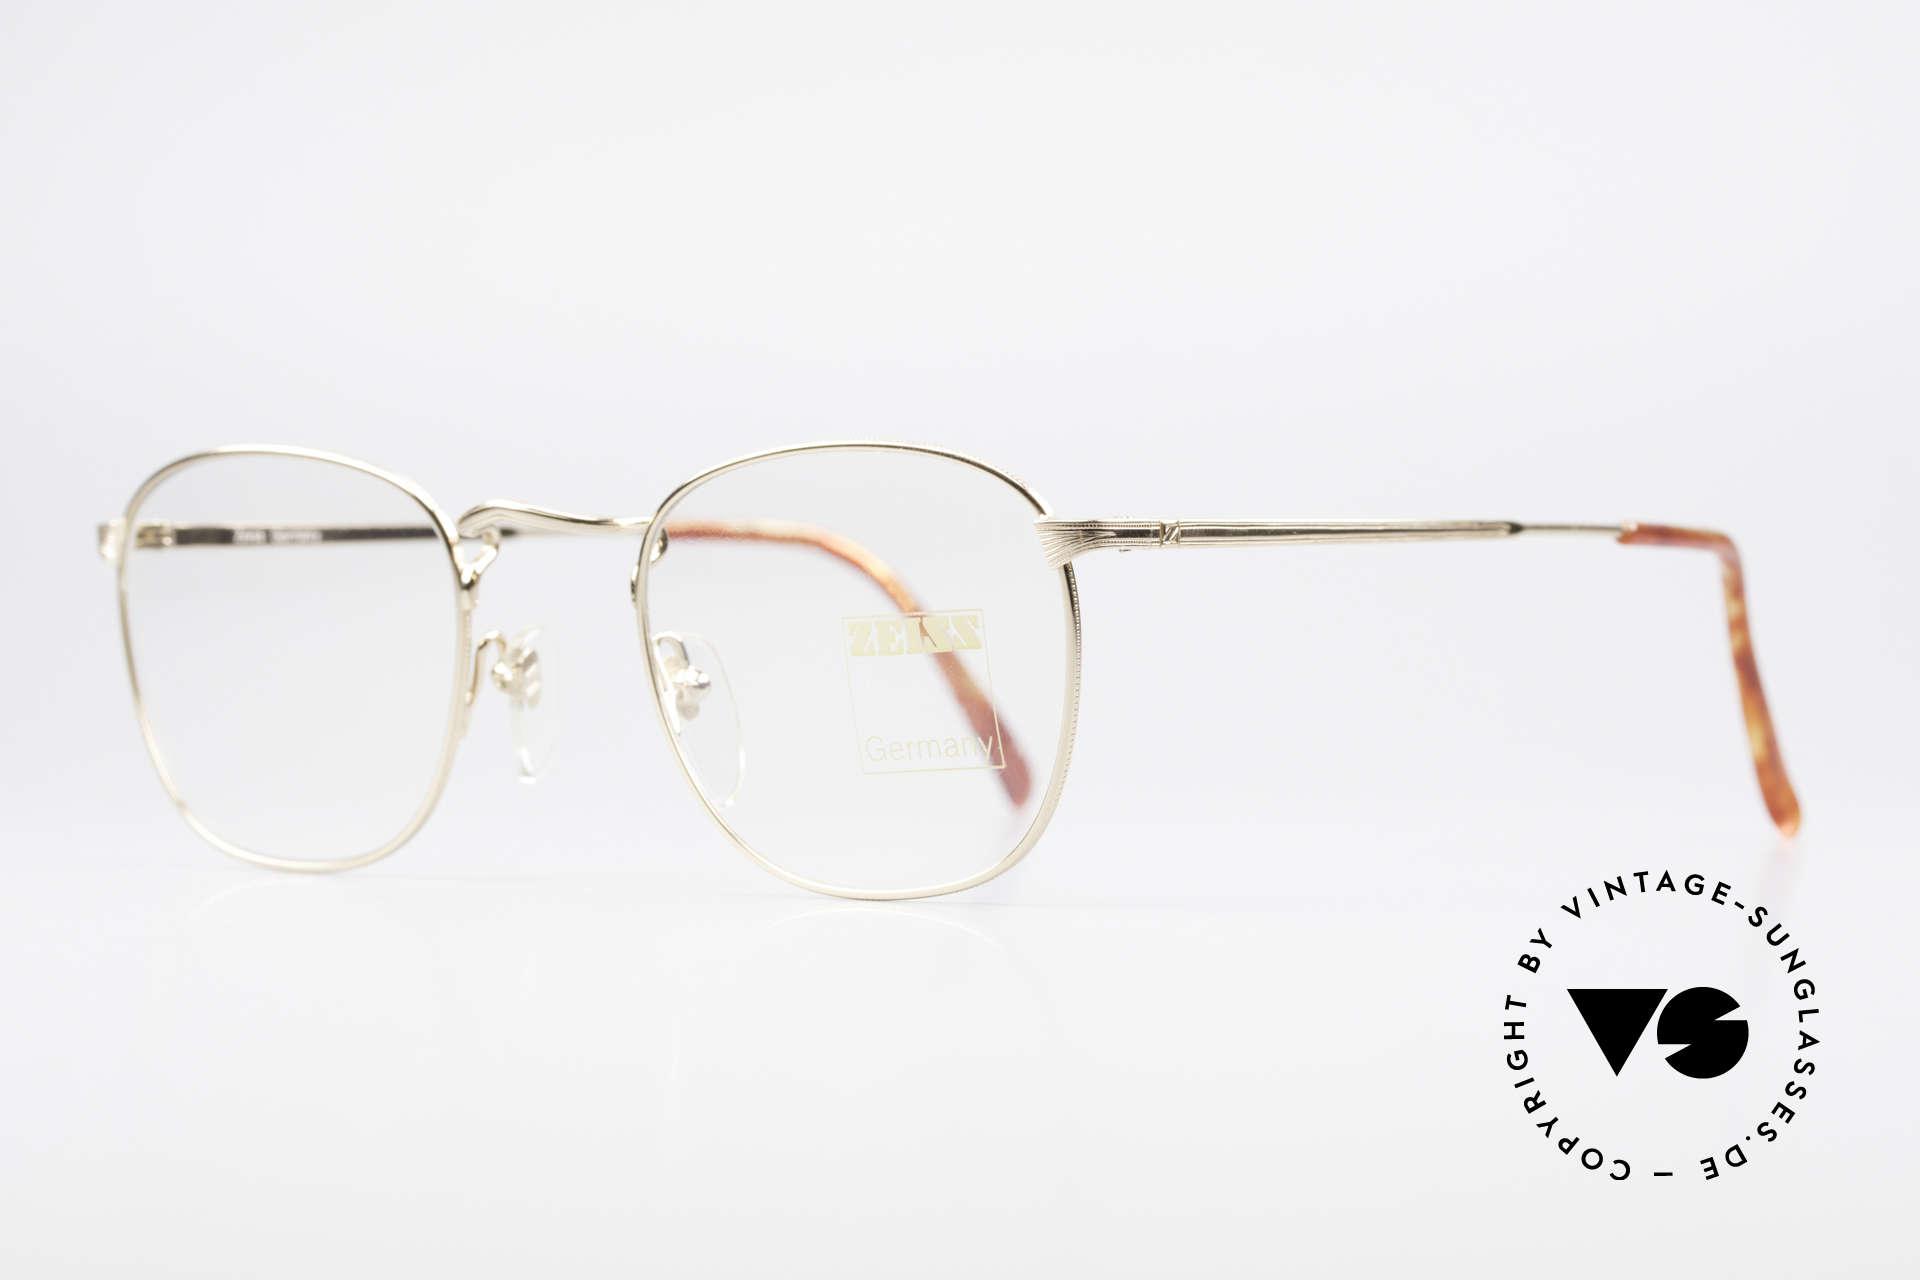 Zeiss 5988 Alte Vintage Brille Herren 90er, wie aus einem Stück; KLEINE Größe; zeitlose Form, Passend für Herren